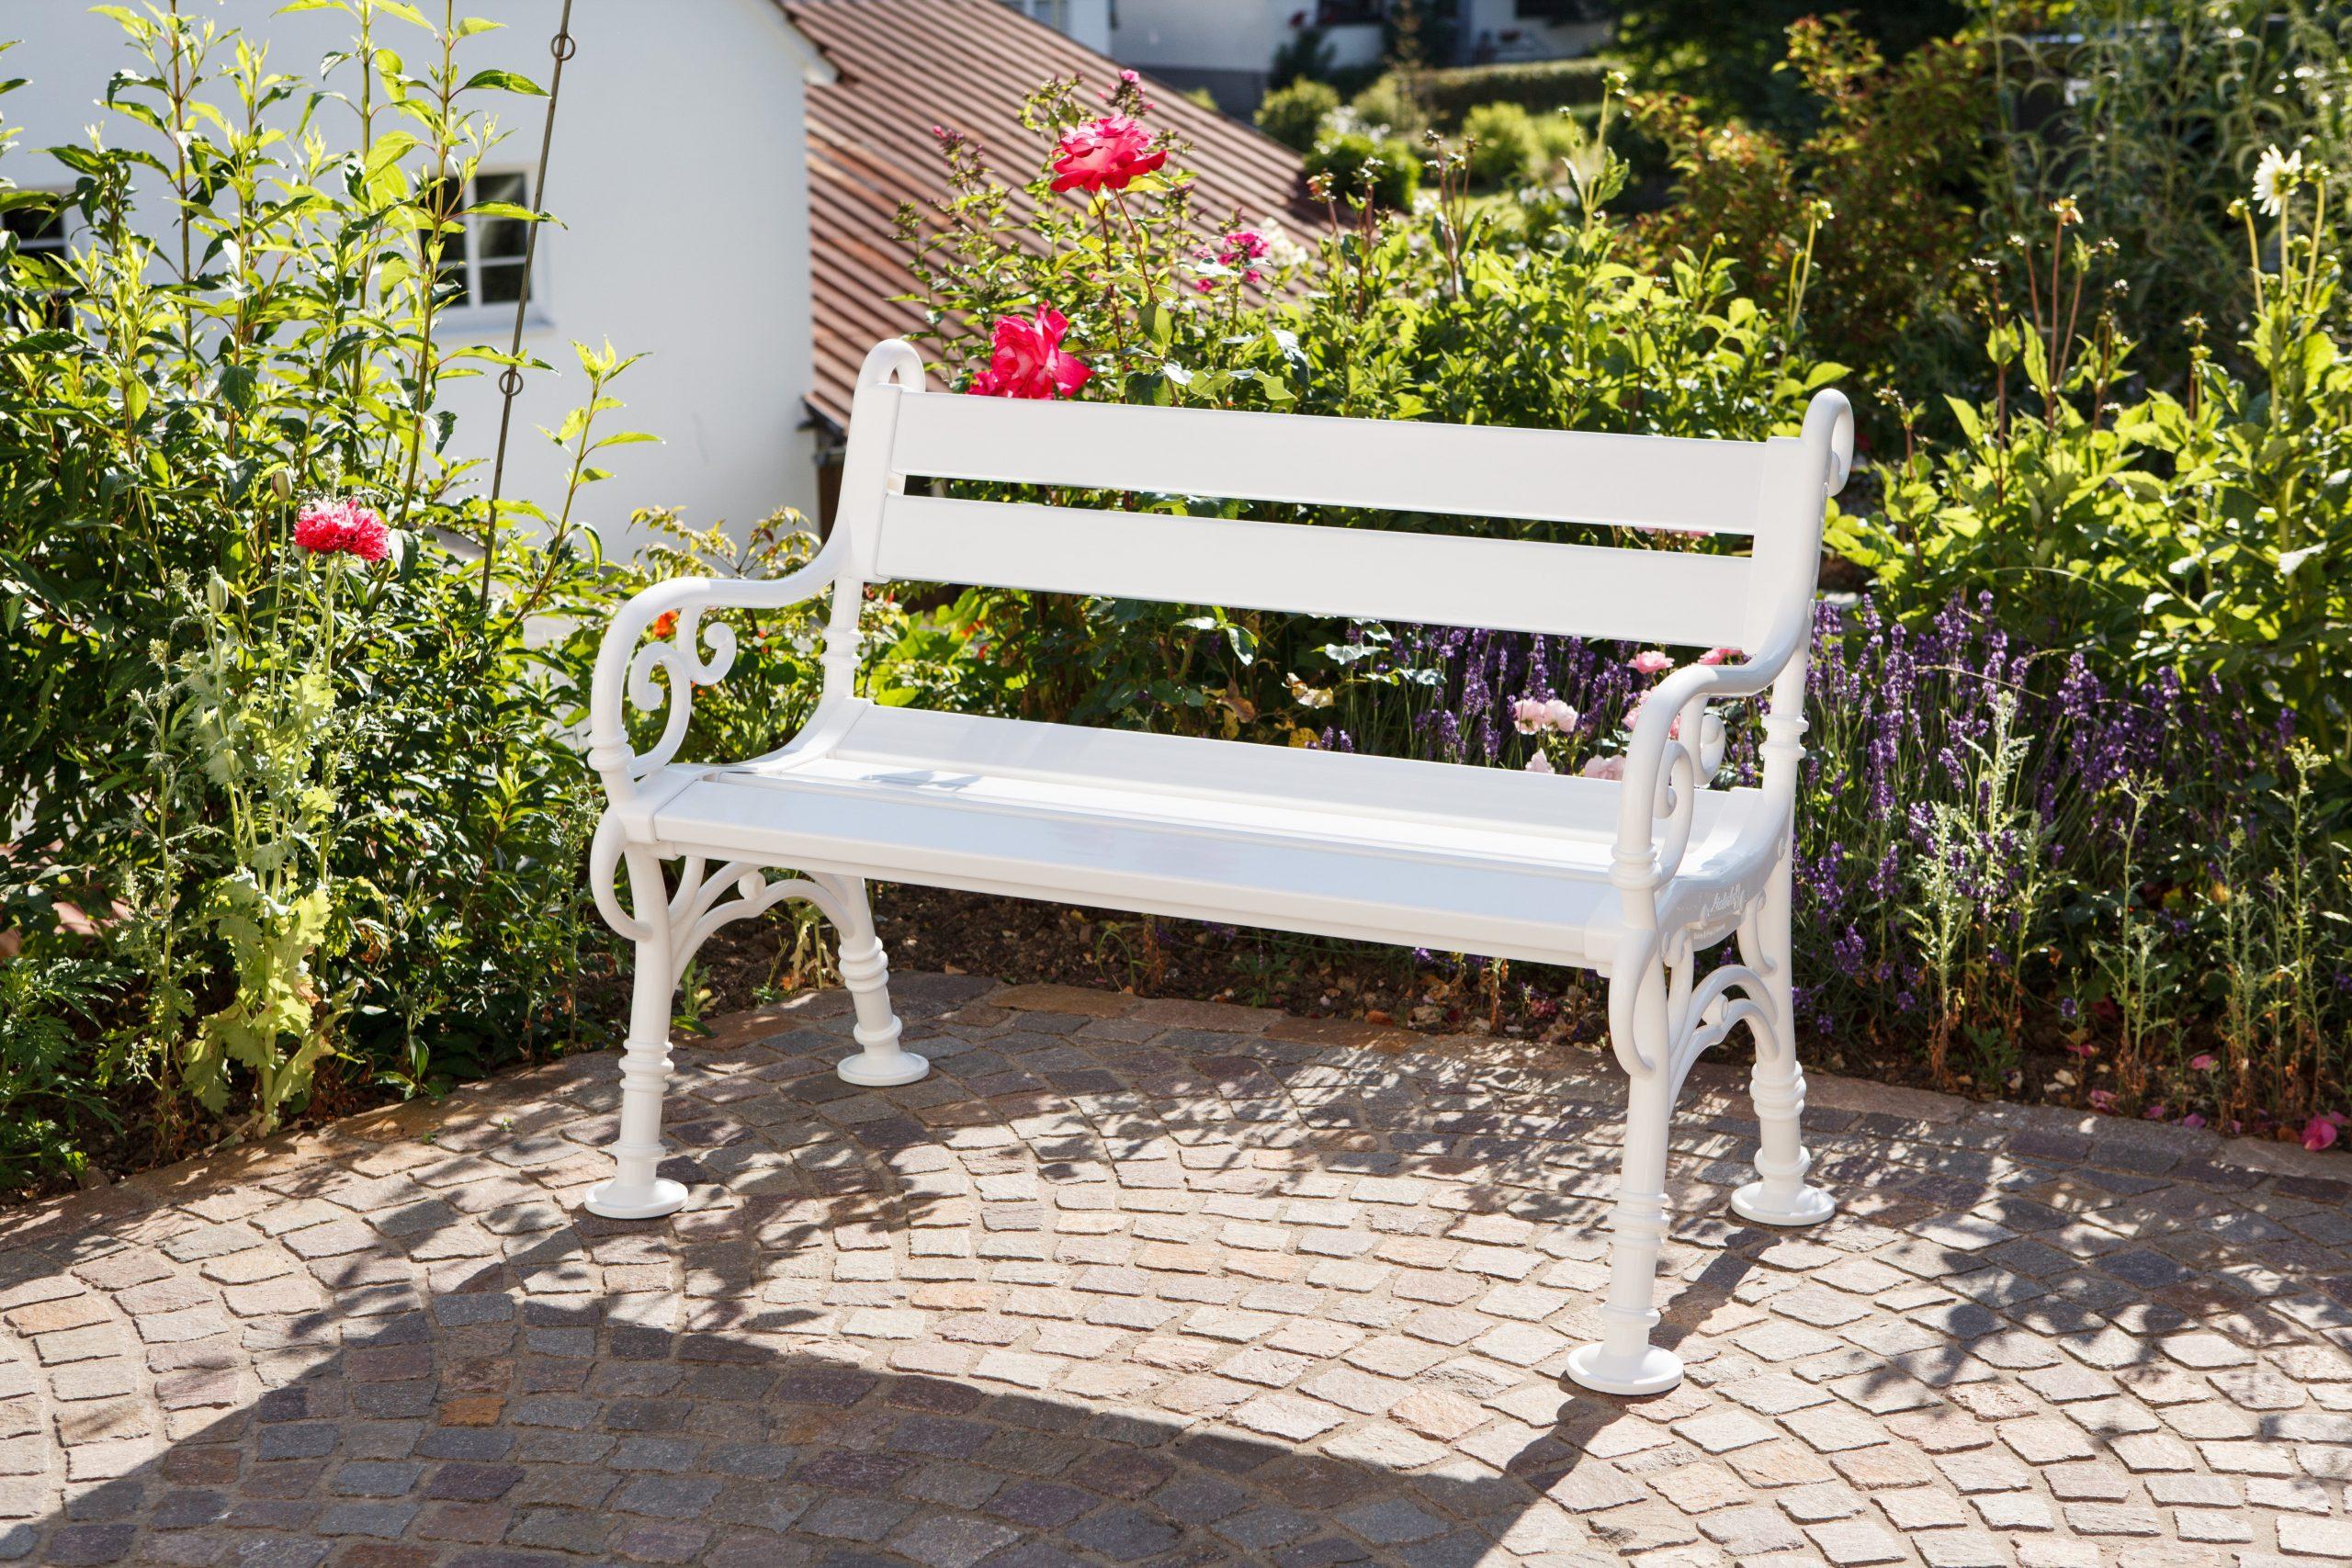 Banc De Jardin En Résine Blome Linderhof, 2 Personnes, Blanc avec Banc De Jardin Leroy Merlin